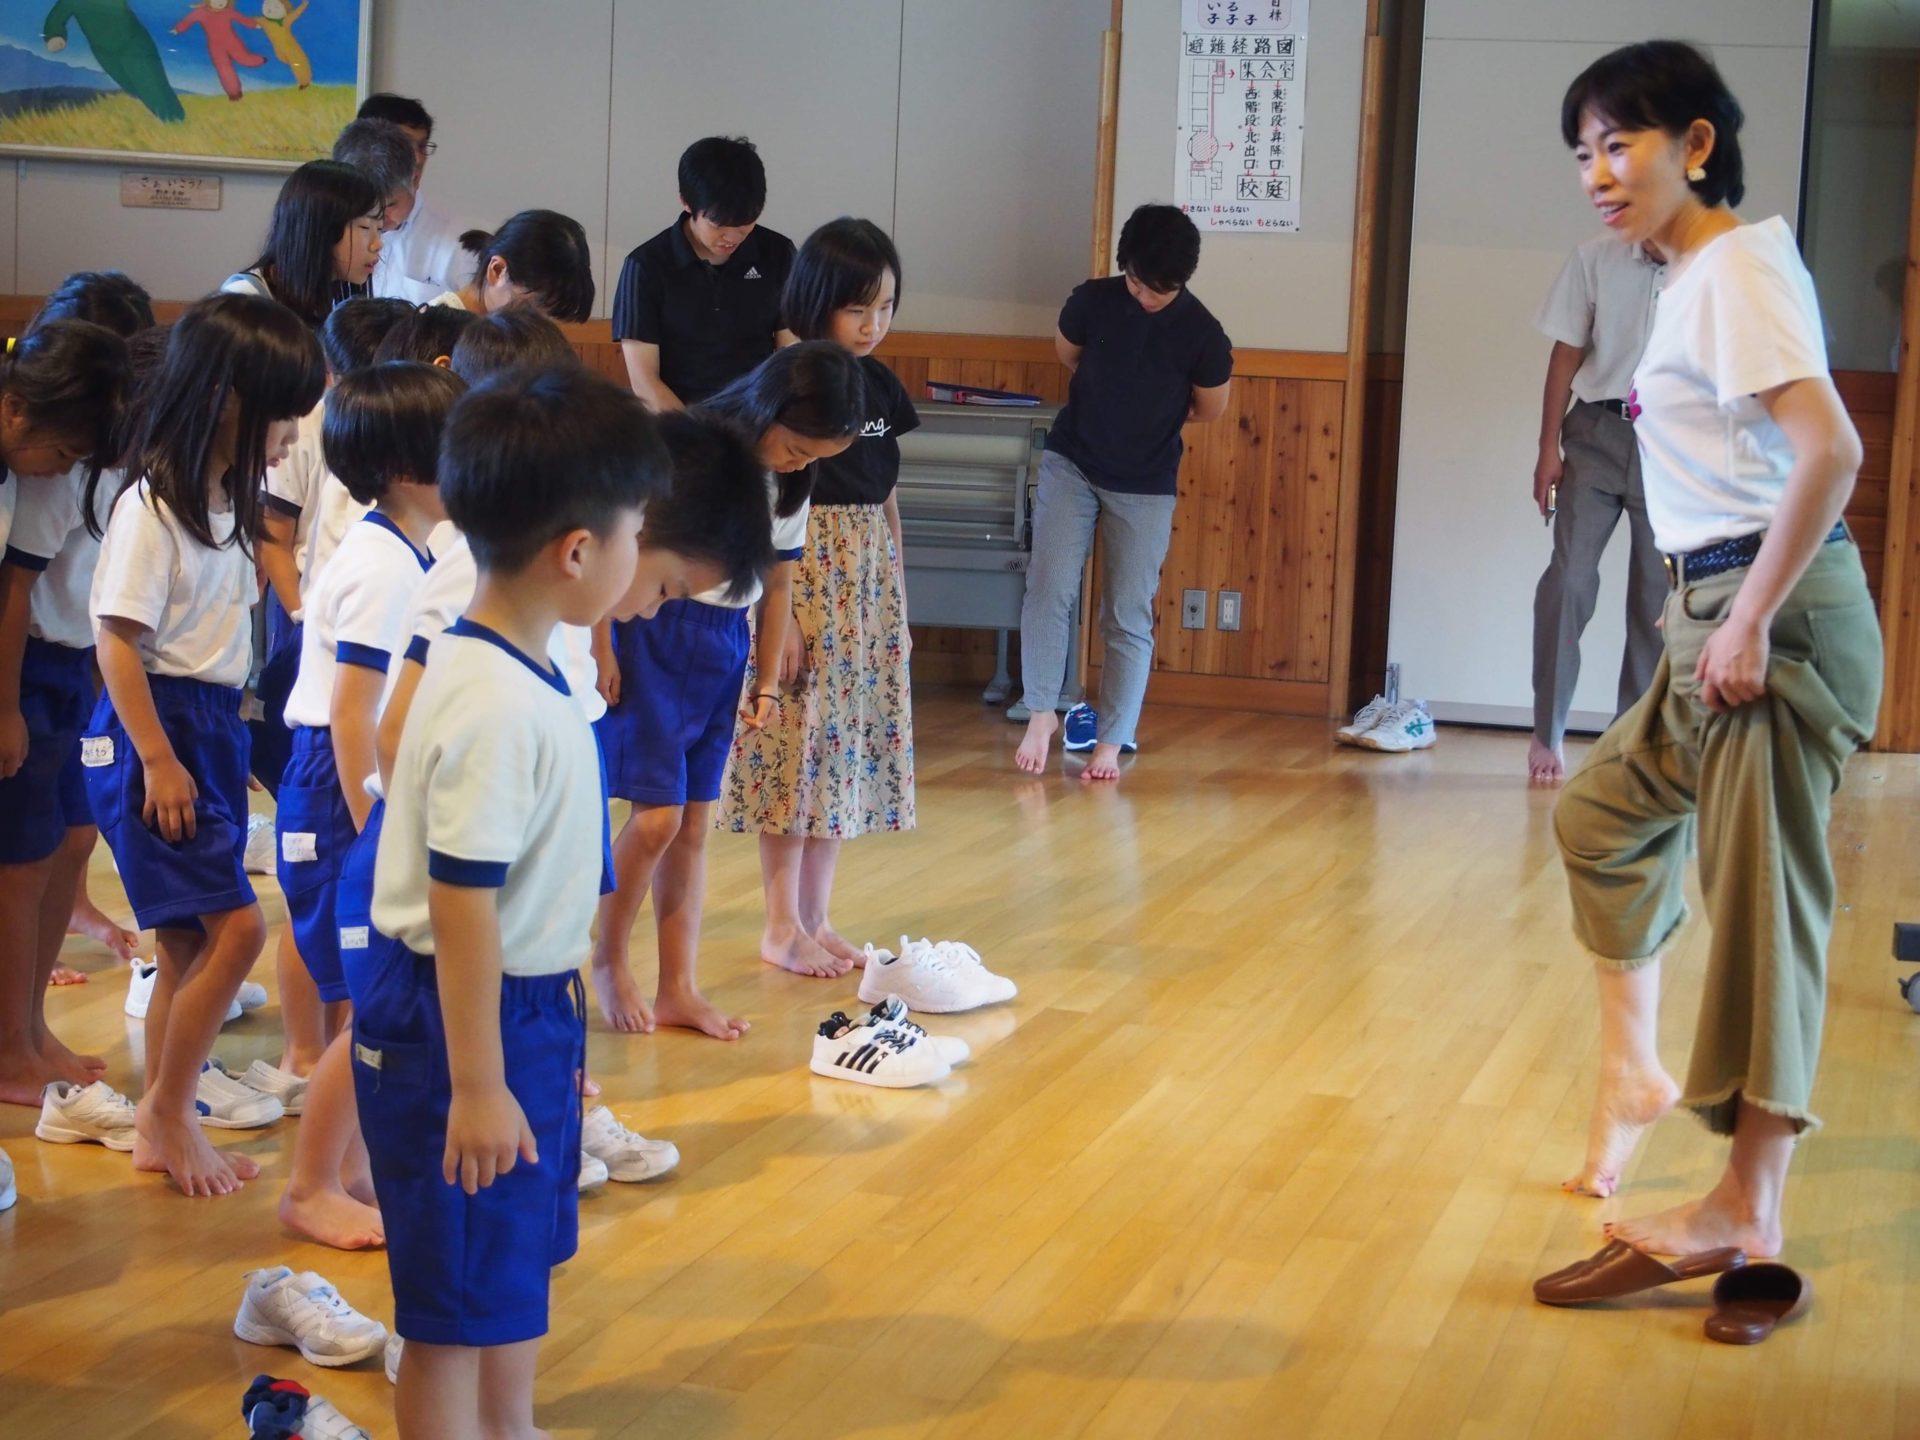 image-足裏講演会@筑北小学校   オーダーインソールのクイスクイス